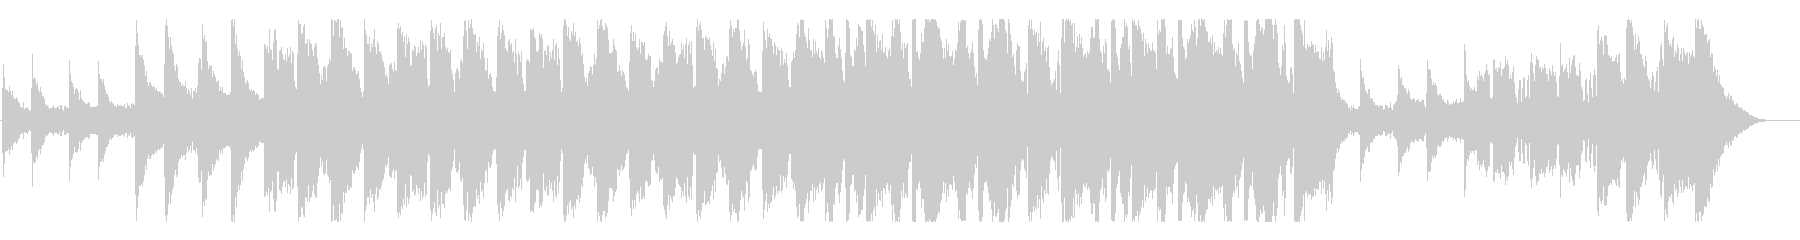 透明のある美しいメロディーのBGMの未再生の波形